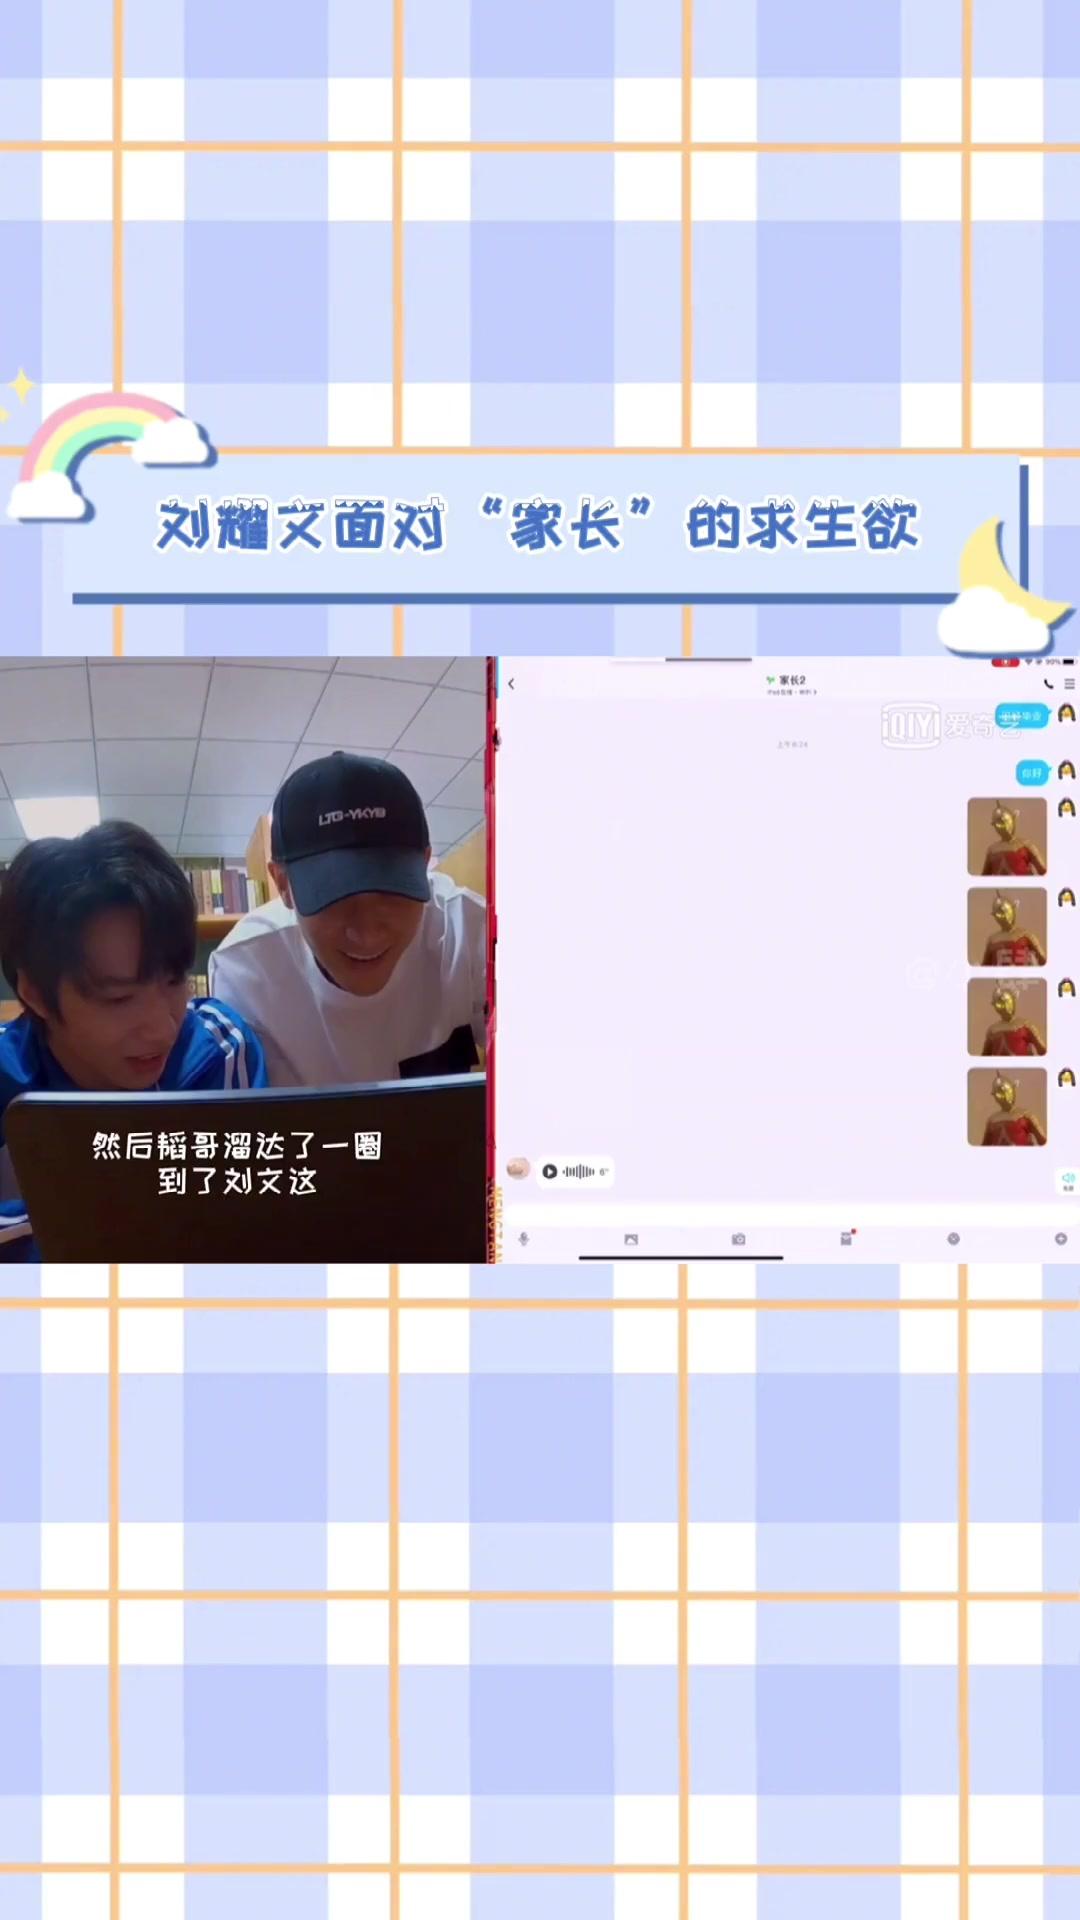 不是本人哈哈哈哈哈这个回答妙啊~刘耀文黄子韬综艺搞笑精彩片段